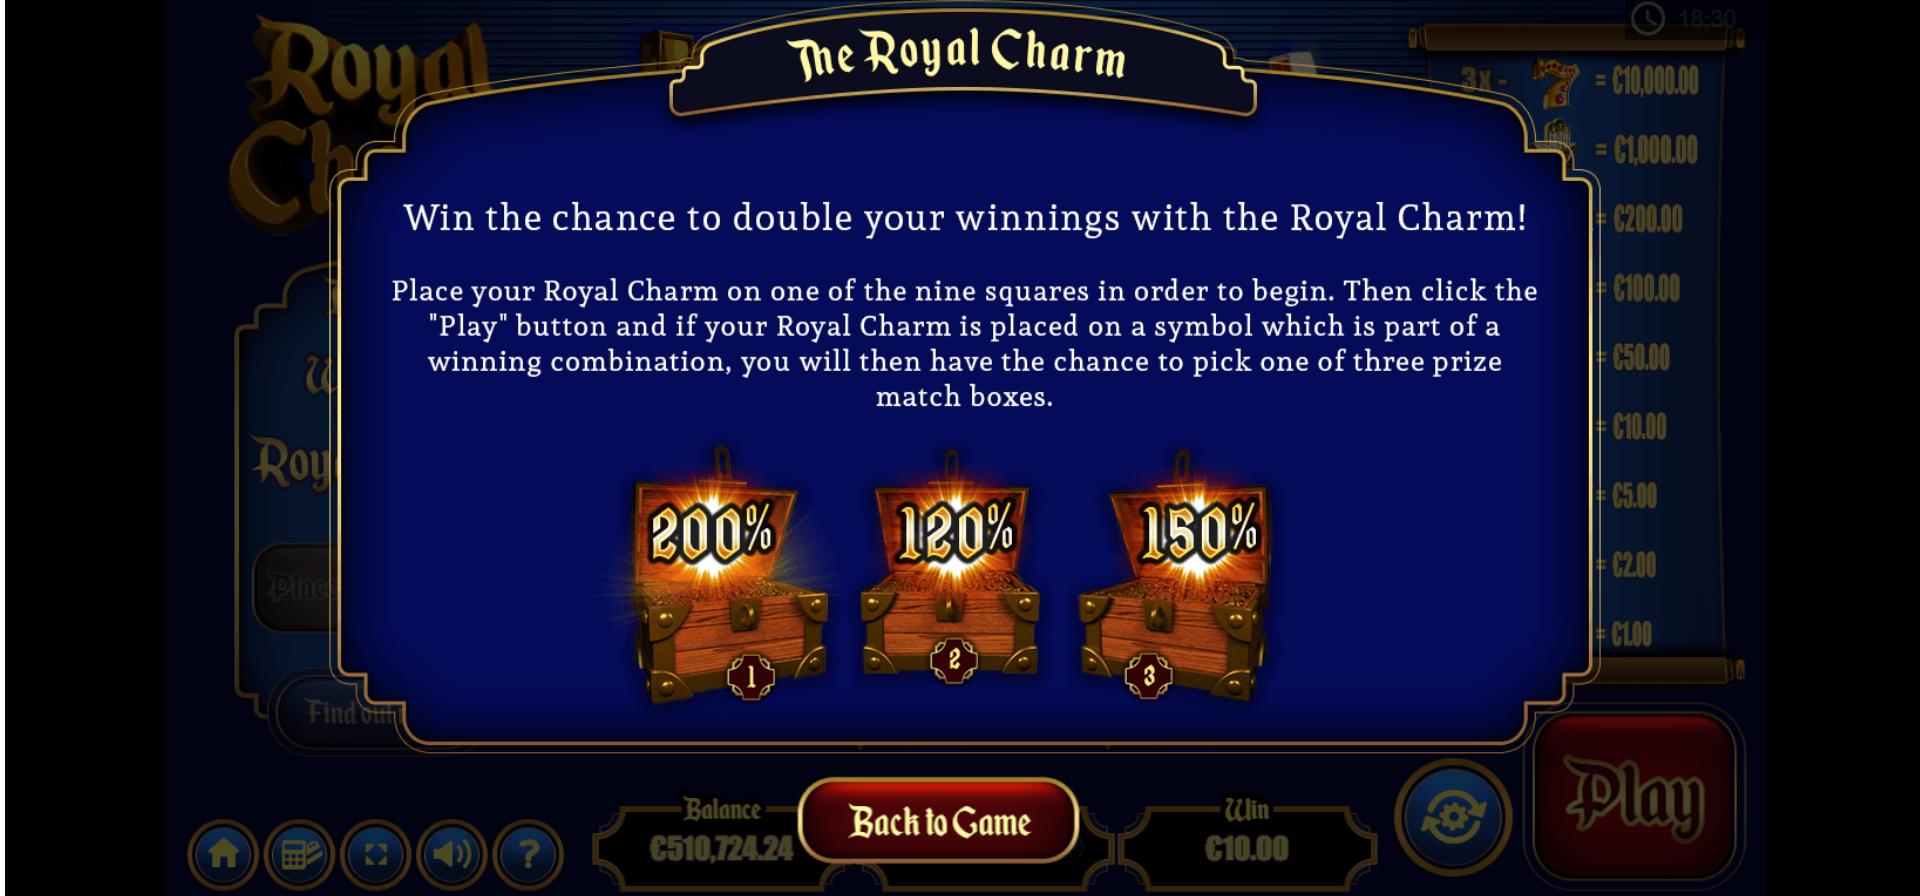 Royal Charm help screen.png